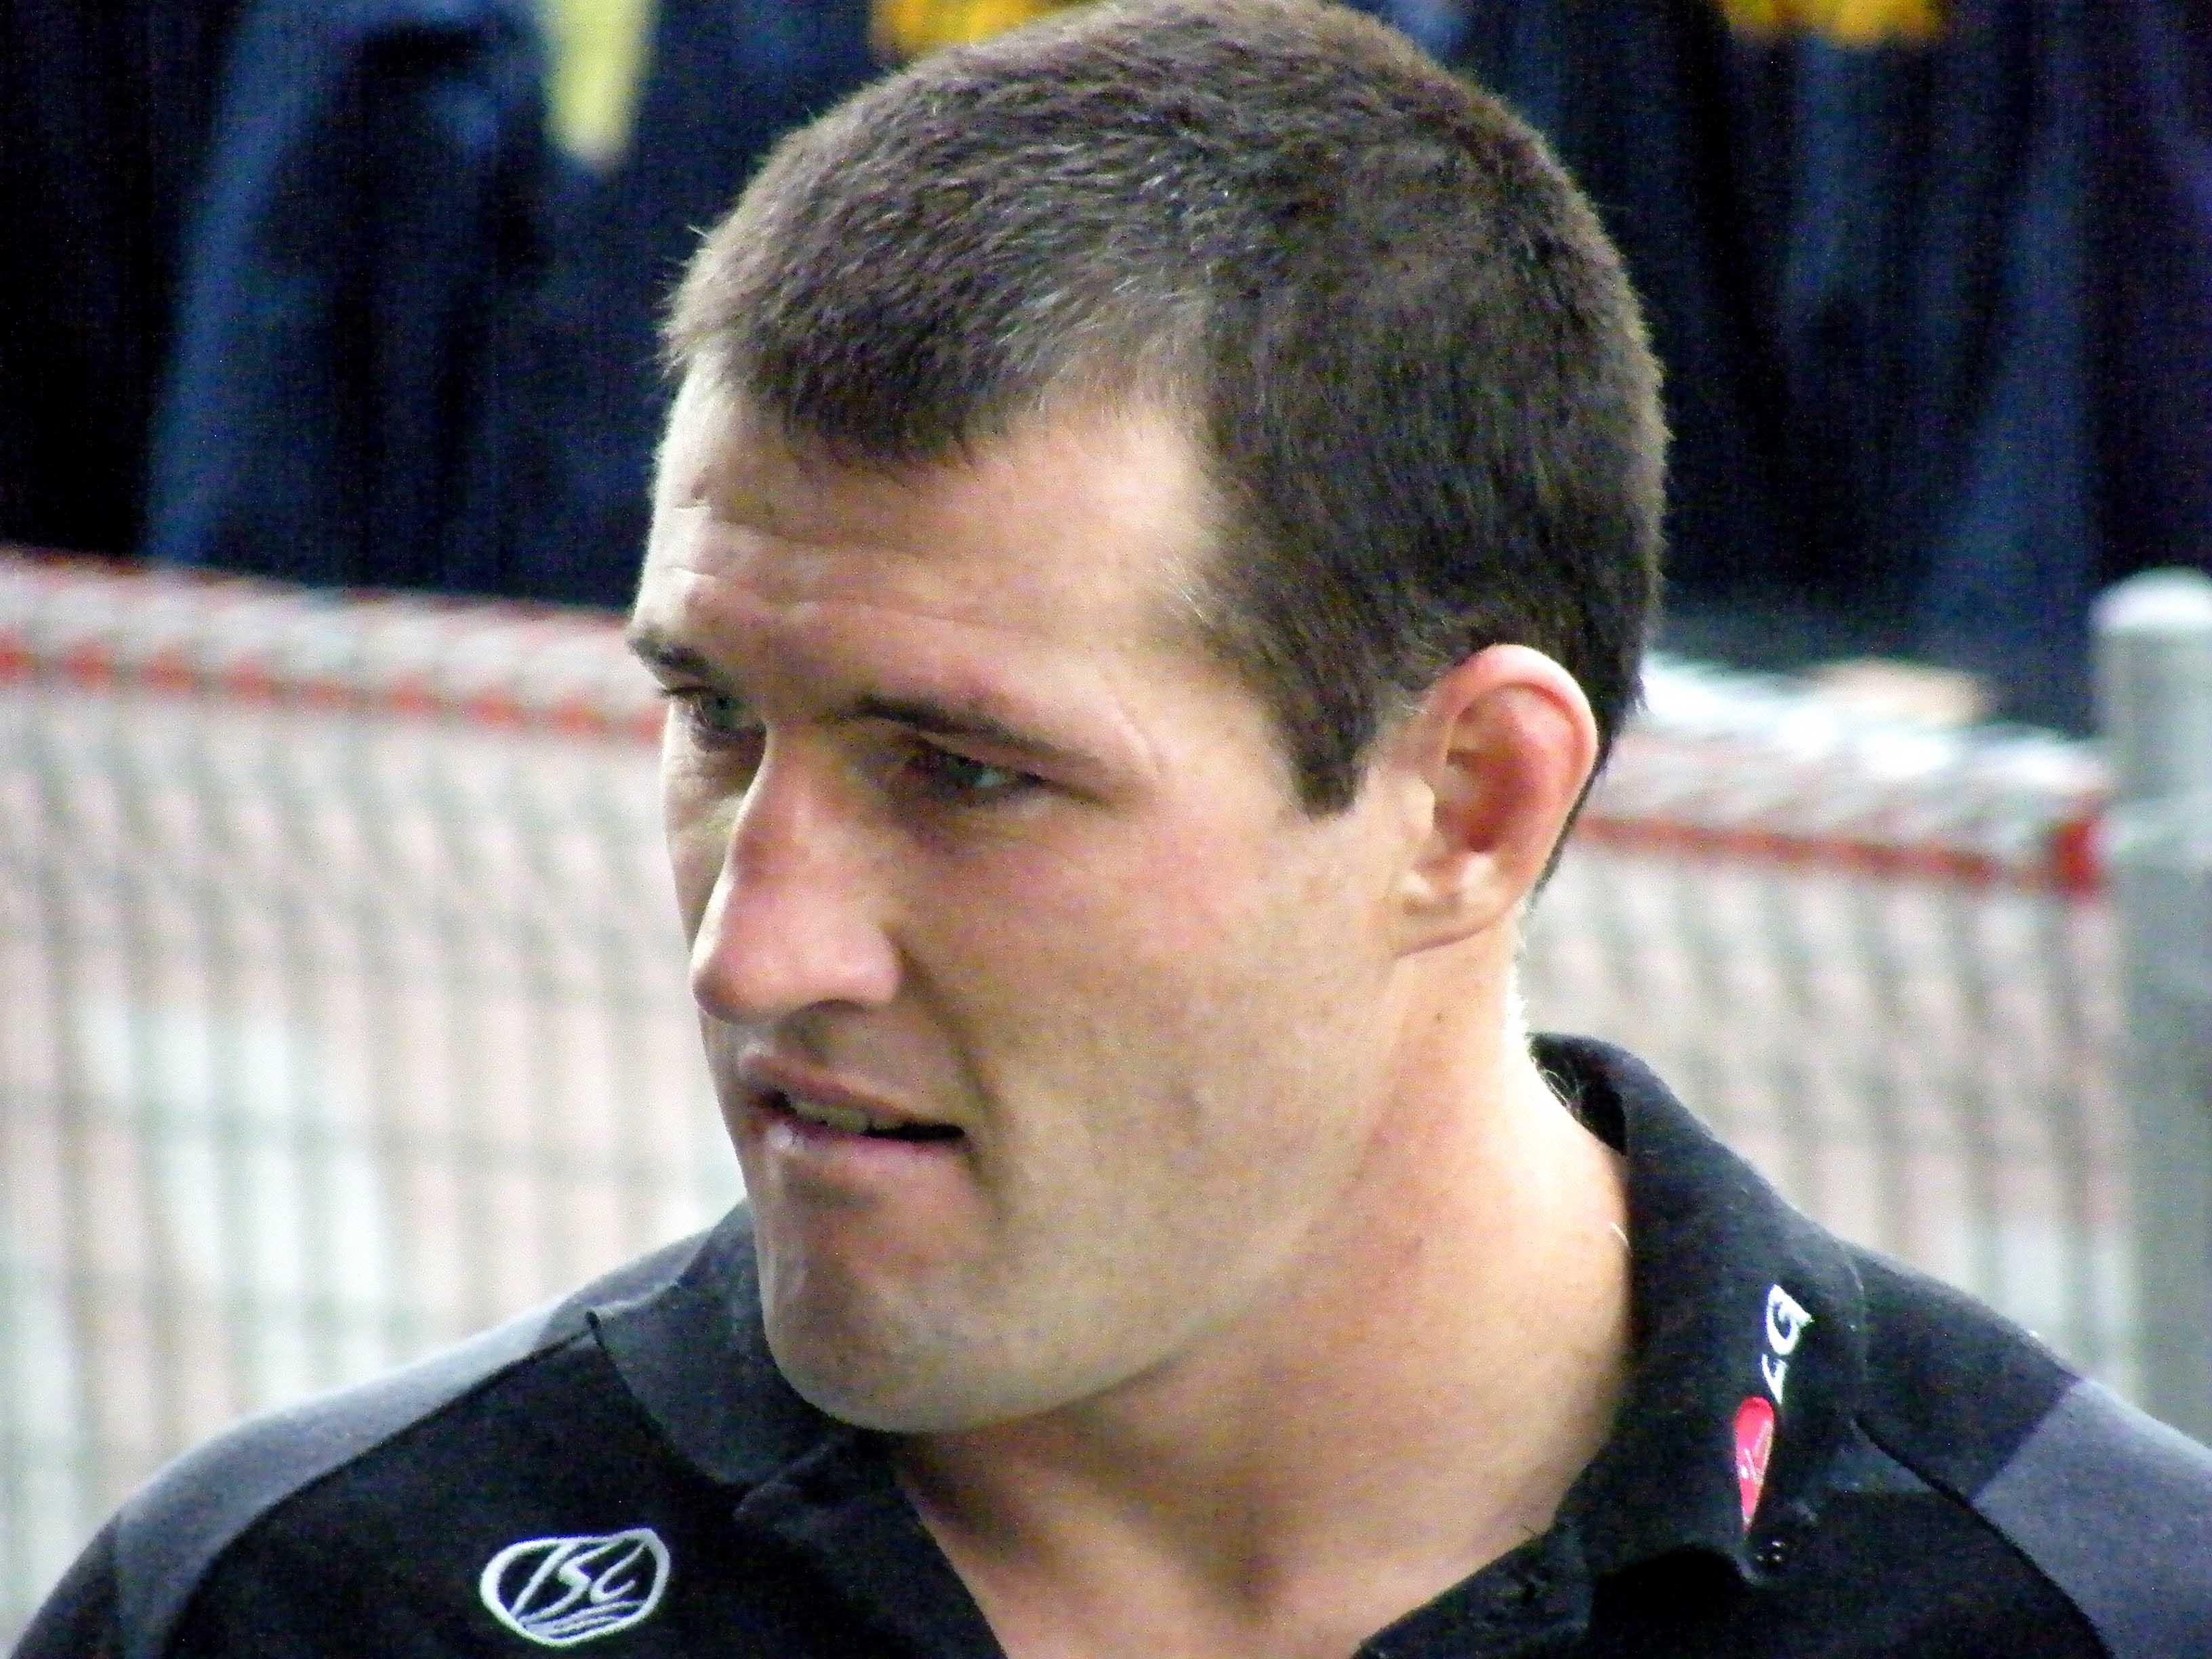 Paul Gallen